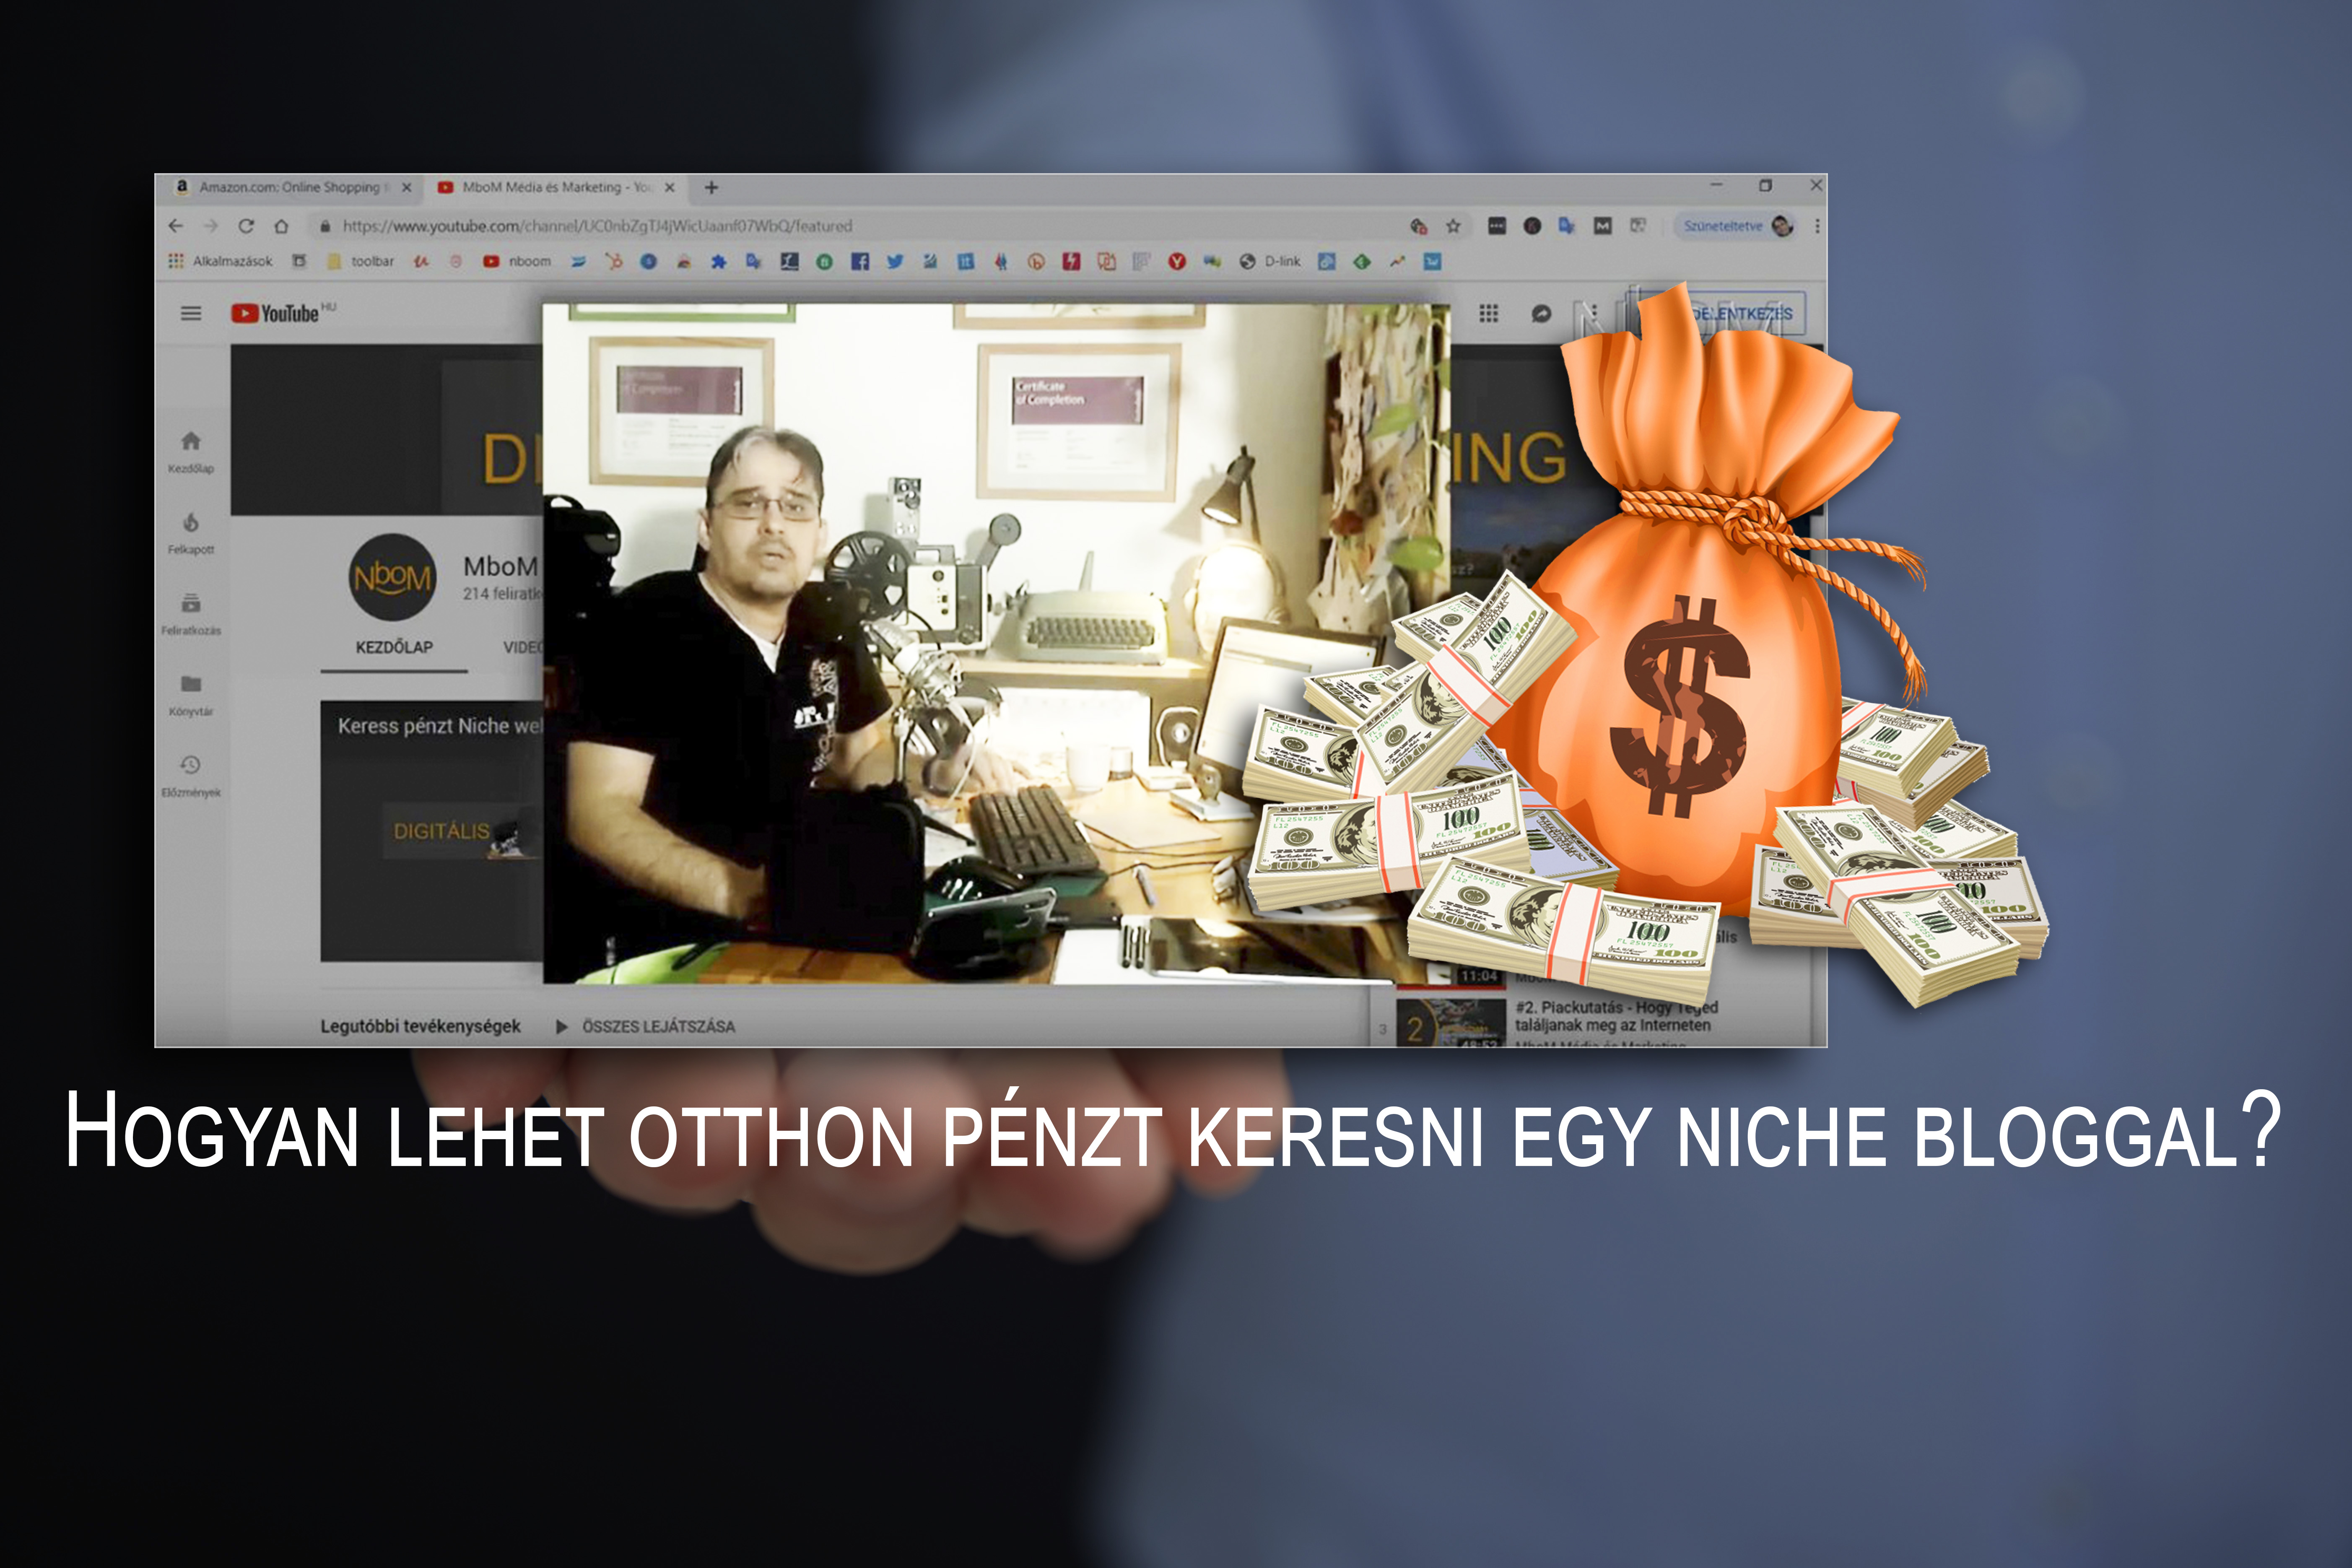 lehet pénzt keresni weboldalak létrehozásával